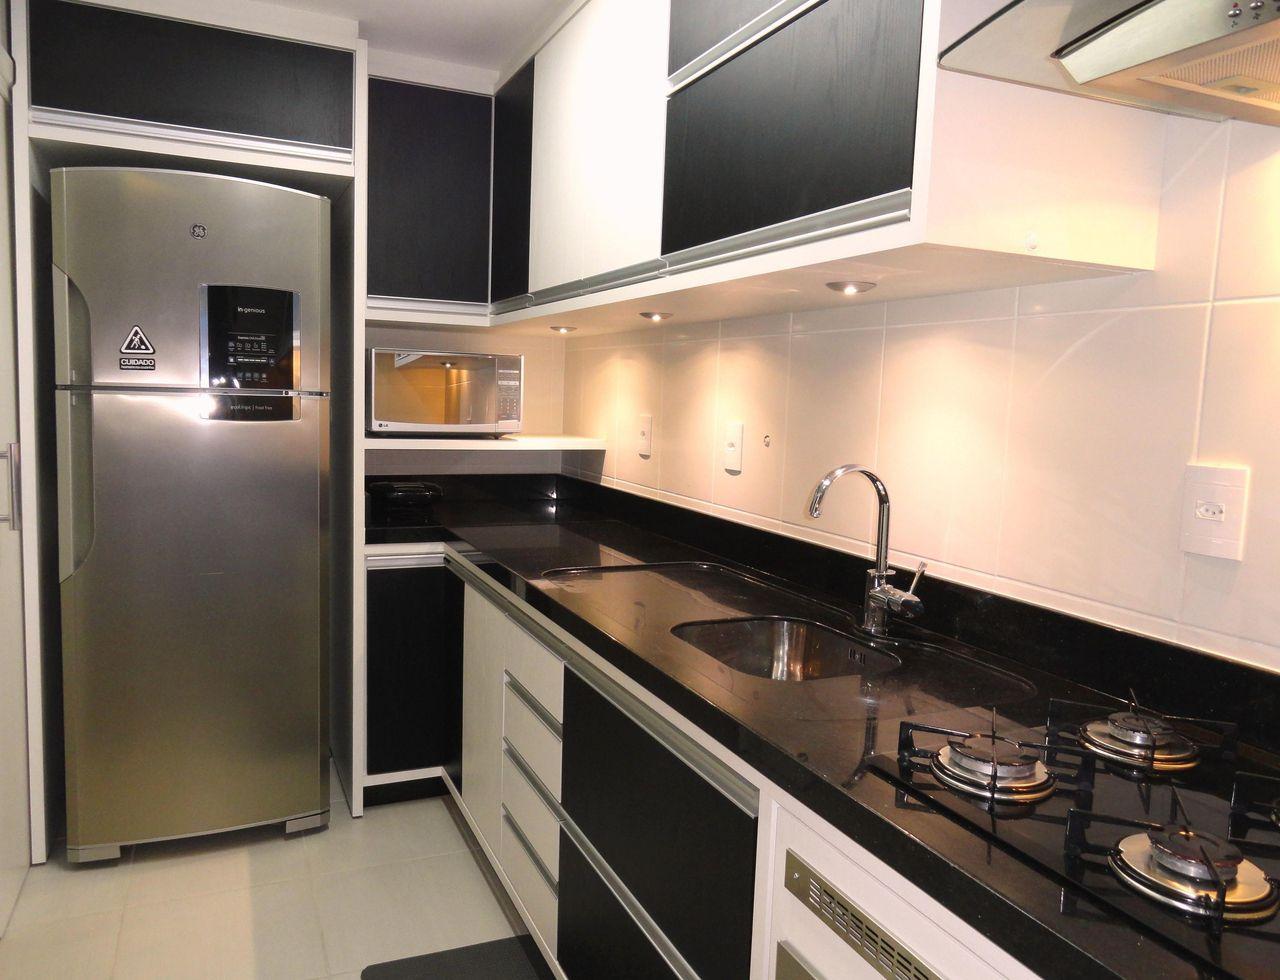 Cozinha Pequena Com Arm Rios E Fog O Embutido De Frente E Verso  ~ Armarios De Cozinha Pequeno